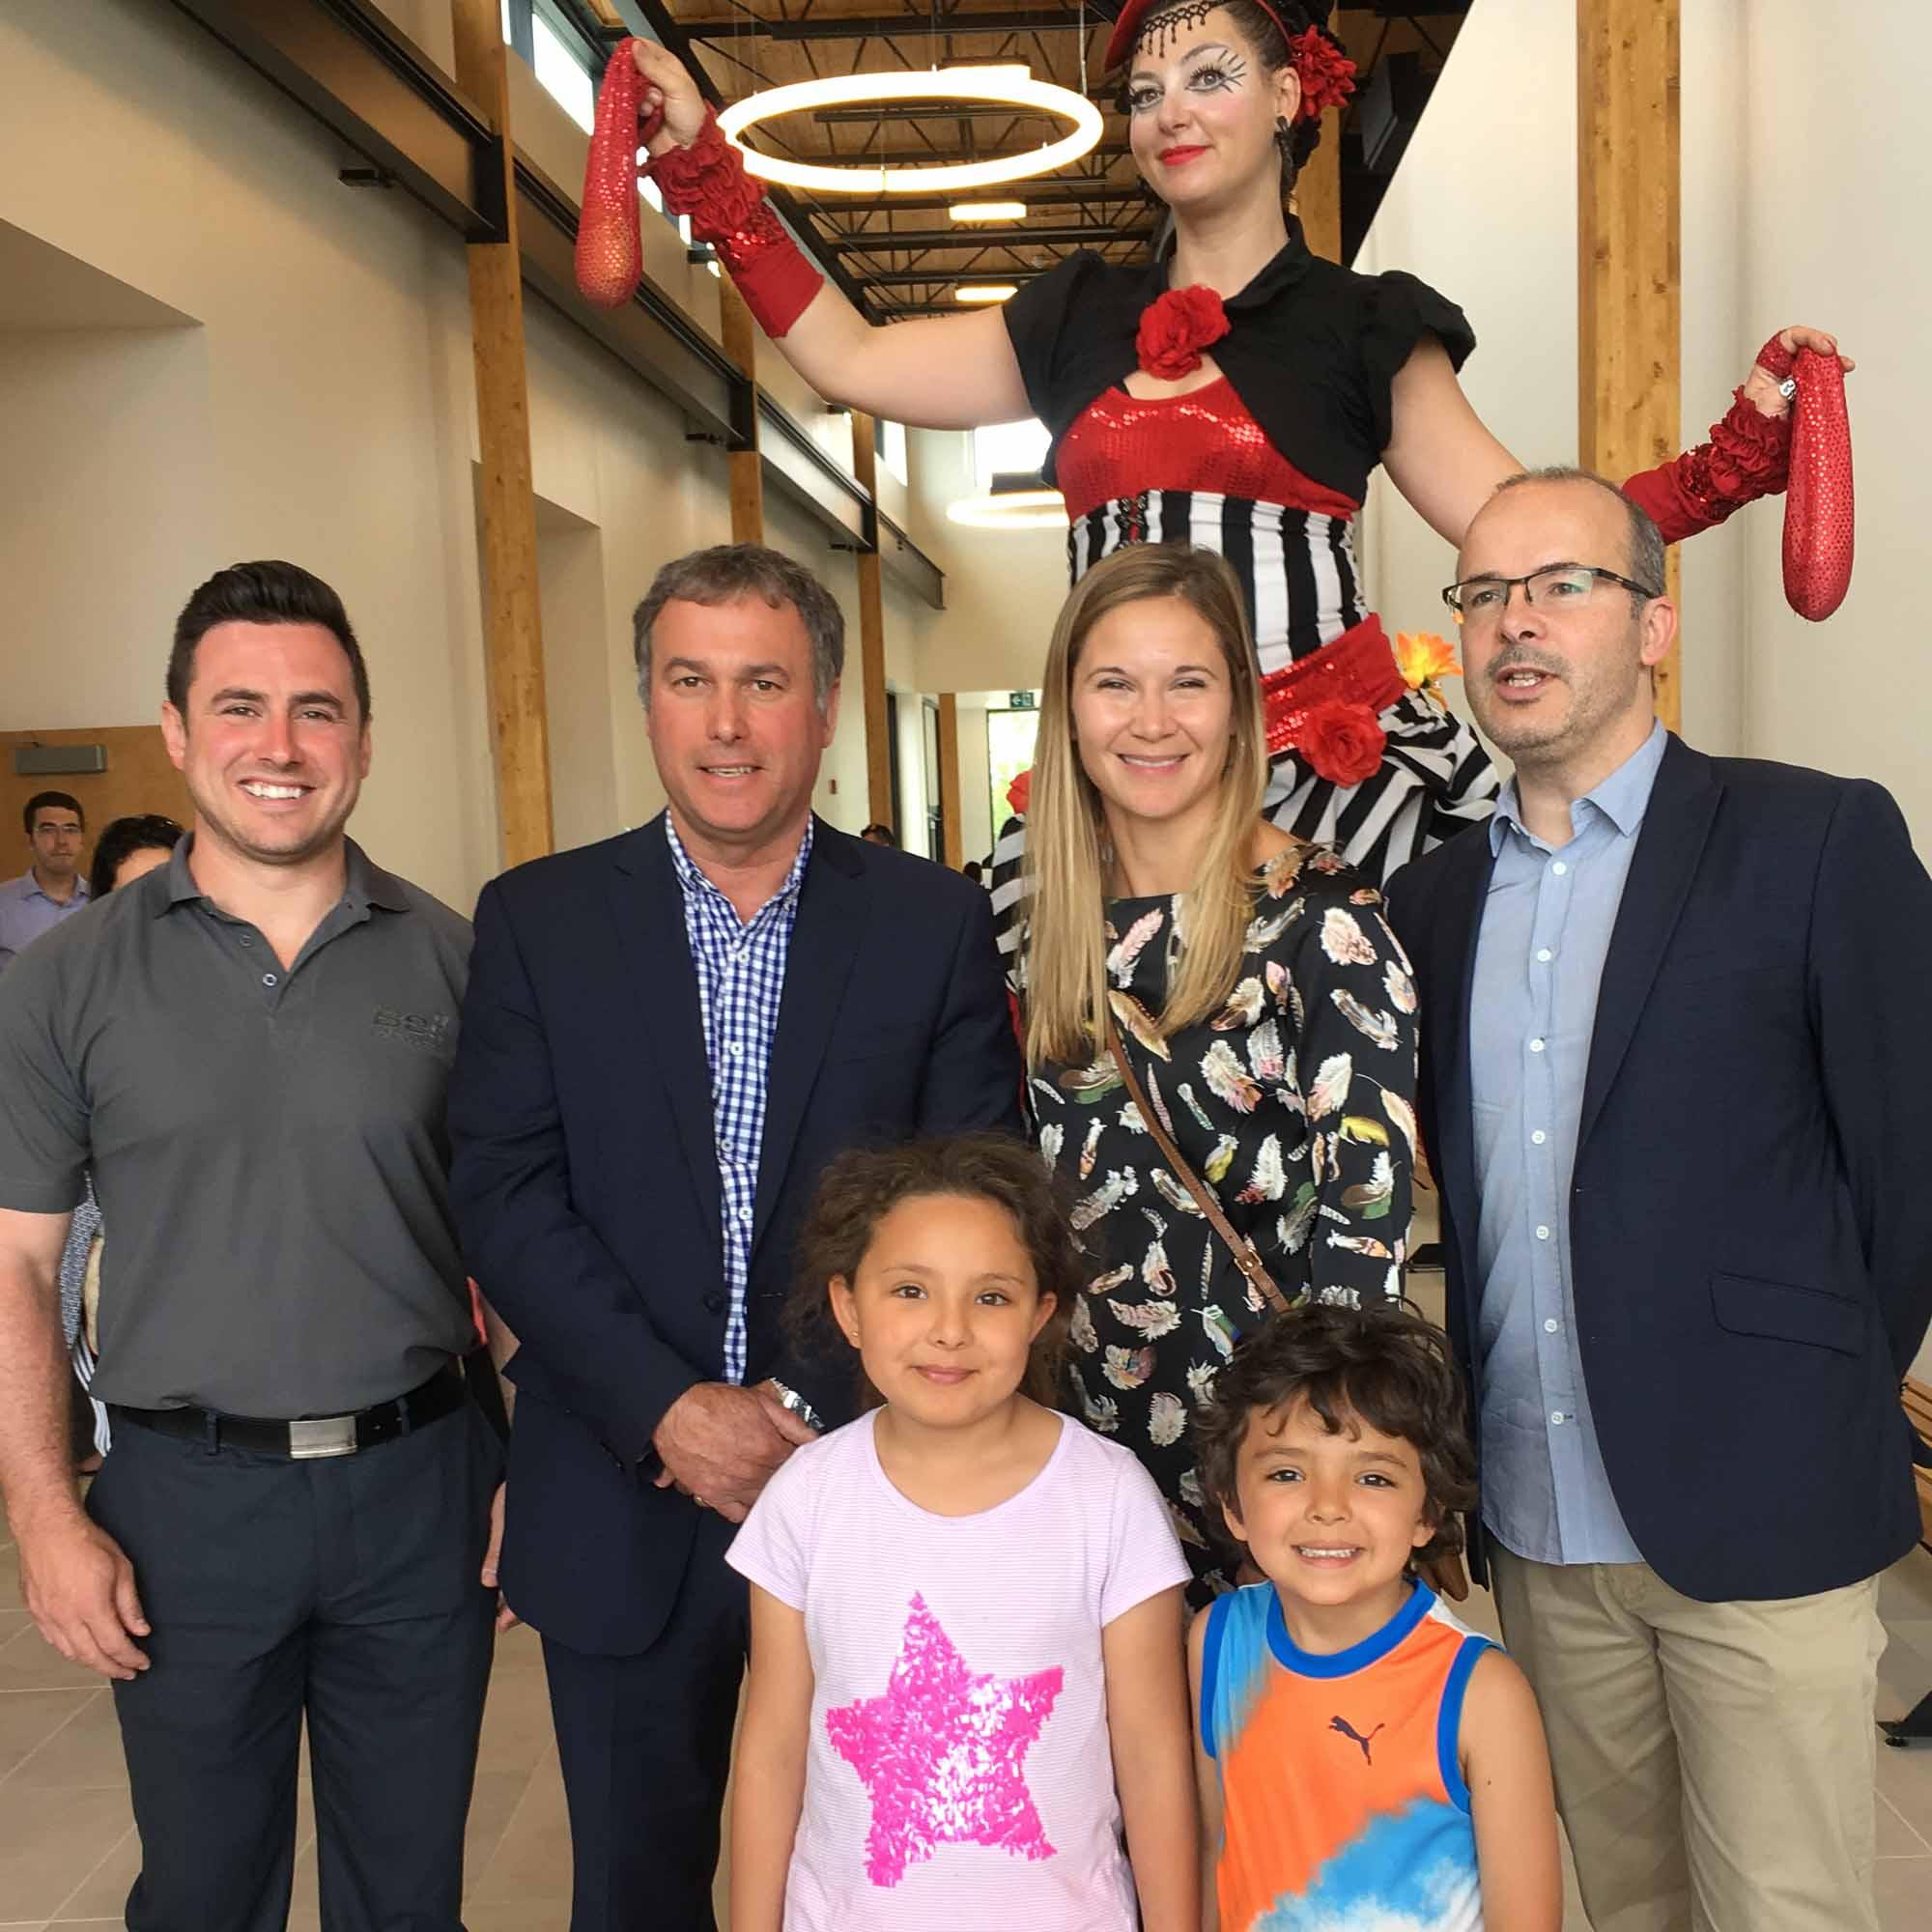 Dans le grand hall, Michael Nault de Bell Helicopter Textron, Jean Bouchard, maire de Mirabel, Isabelle Nuckle d'Hydro-Québec et Martin Brière, architecte et concepteur pour la firme BGLA, posent fièrement avec lesenfants et une dame aux échasses.